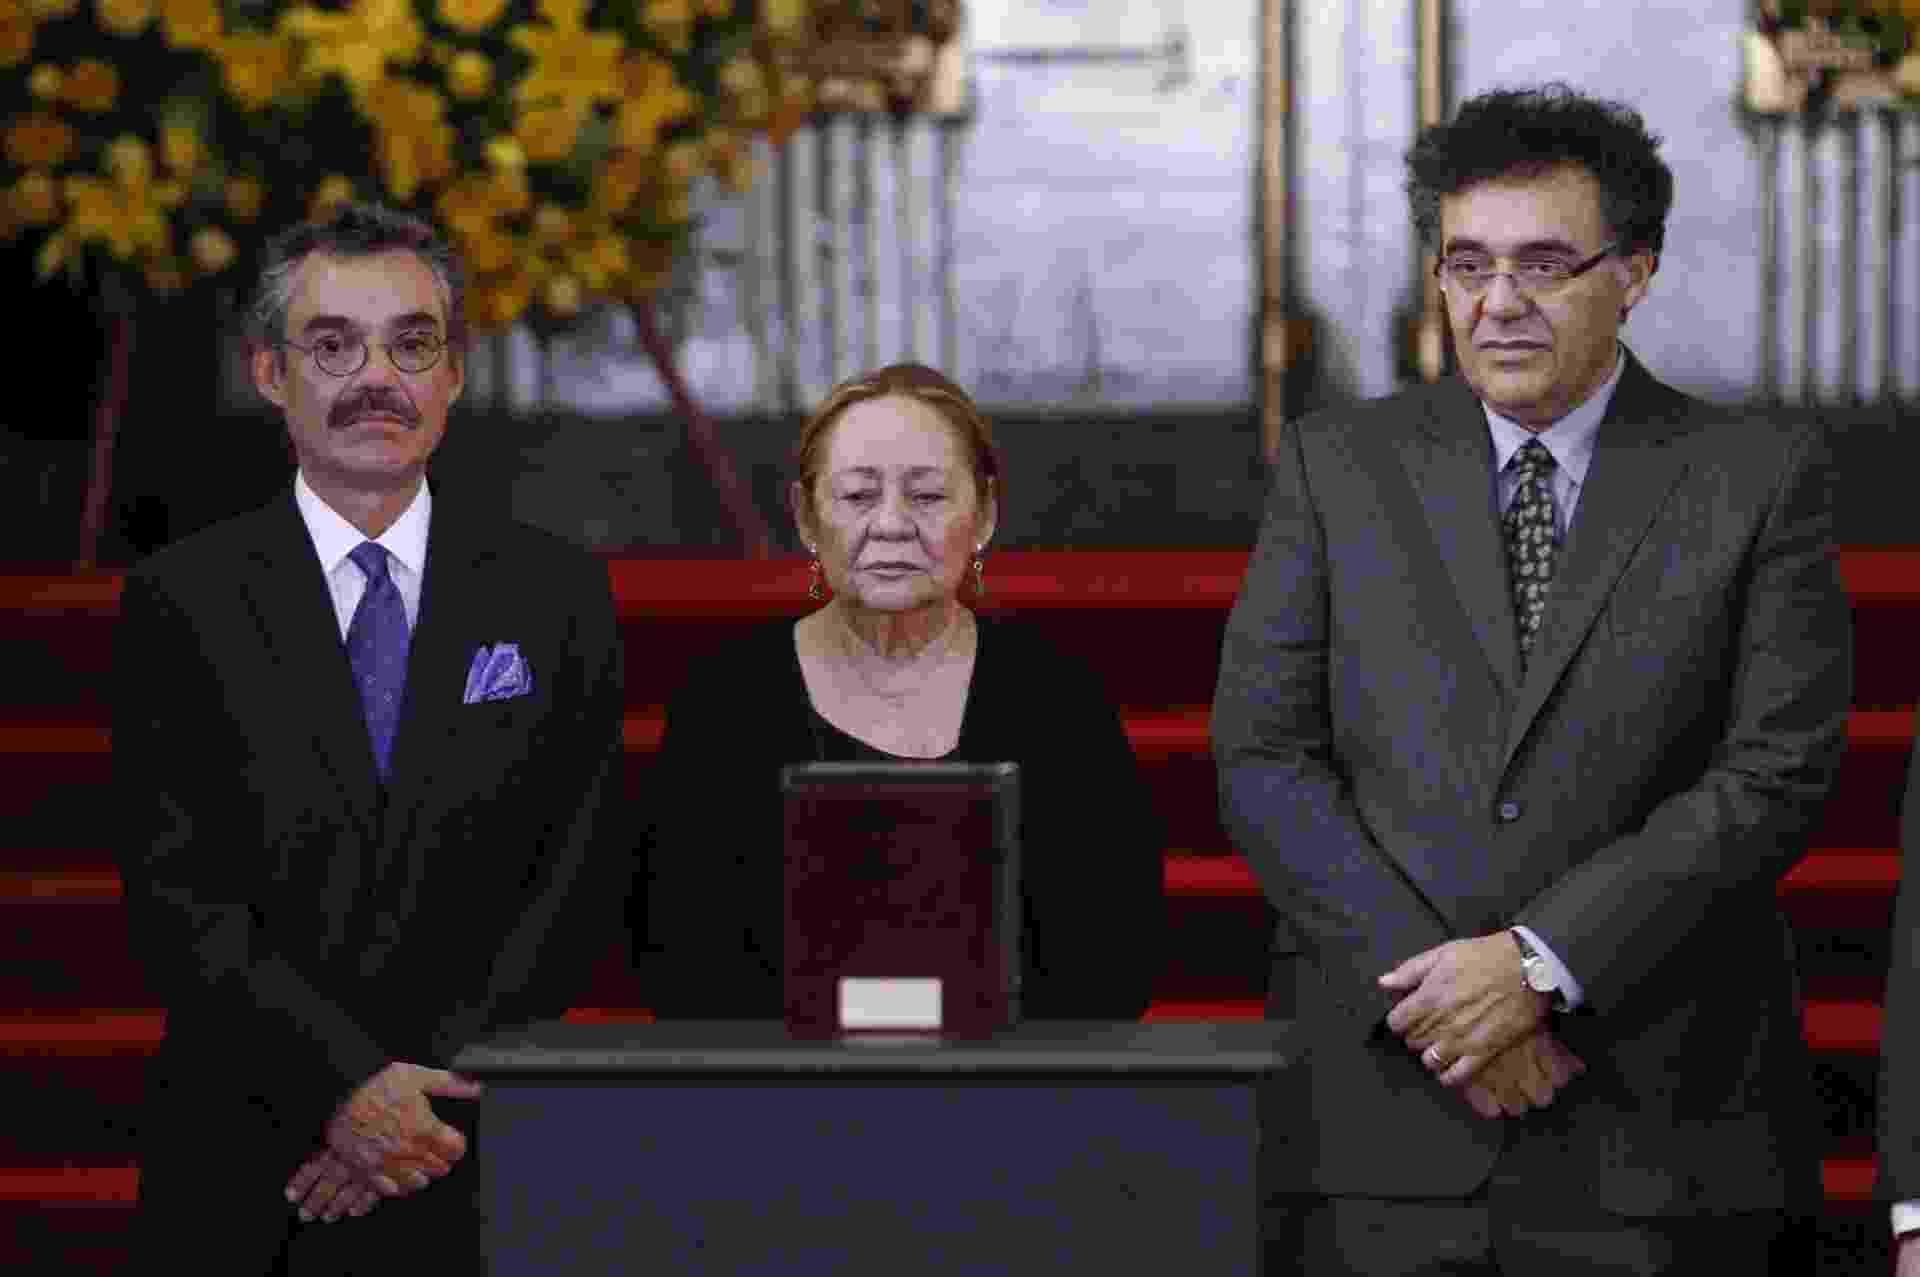 21.abr.2014 - Posicionados próximos à urna com as cinzas do Nobel de Literatura Gabriel García Márquez, a viúva do escritor, Mercedes Barcha (centro) e os dois filhos do casal, Gonzalo (esq.) e Rodrigo, participam da homenagem realizada no Palácio de Belas Artes da Cidade do México - José Méndez/EFE